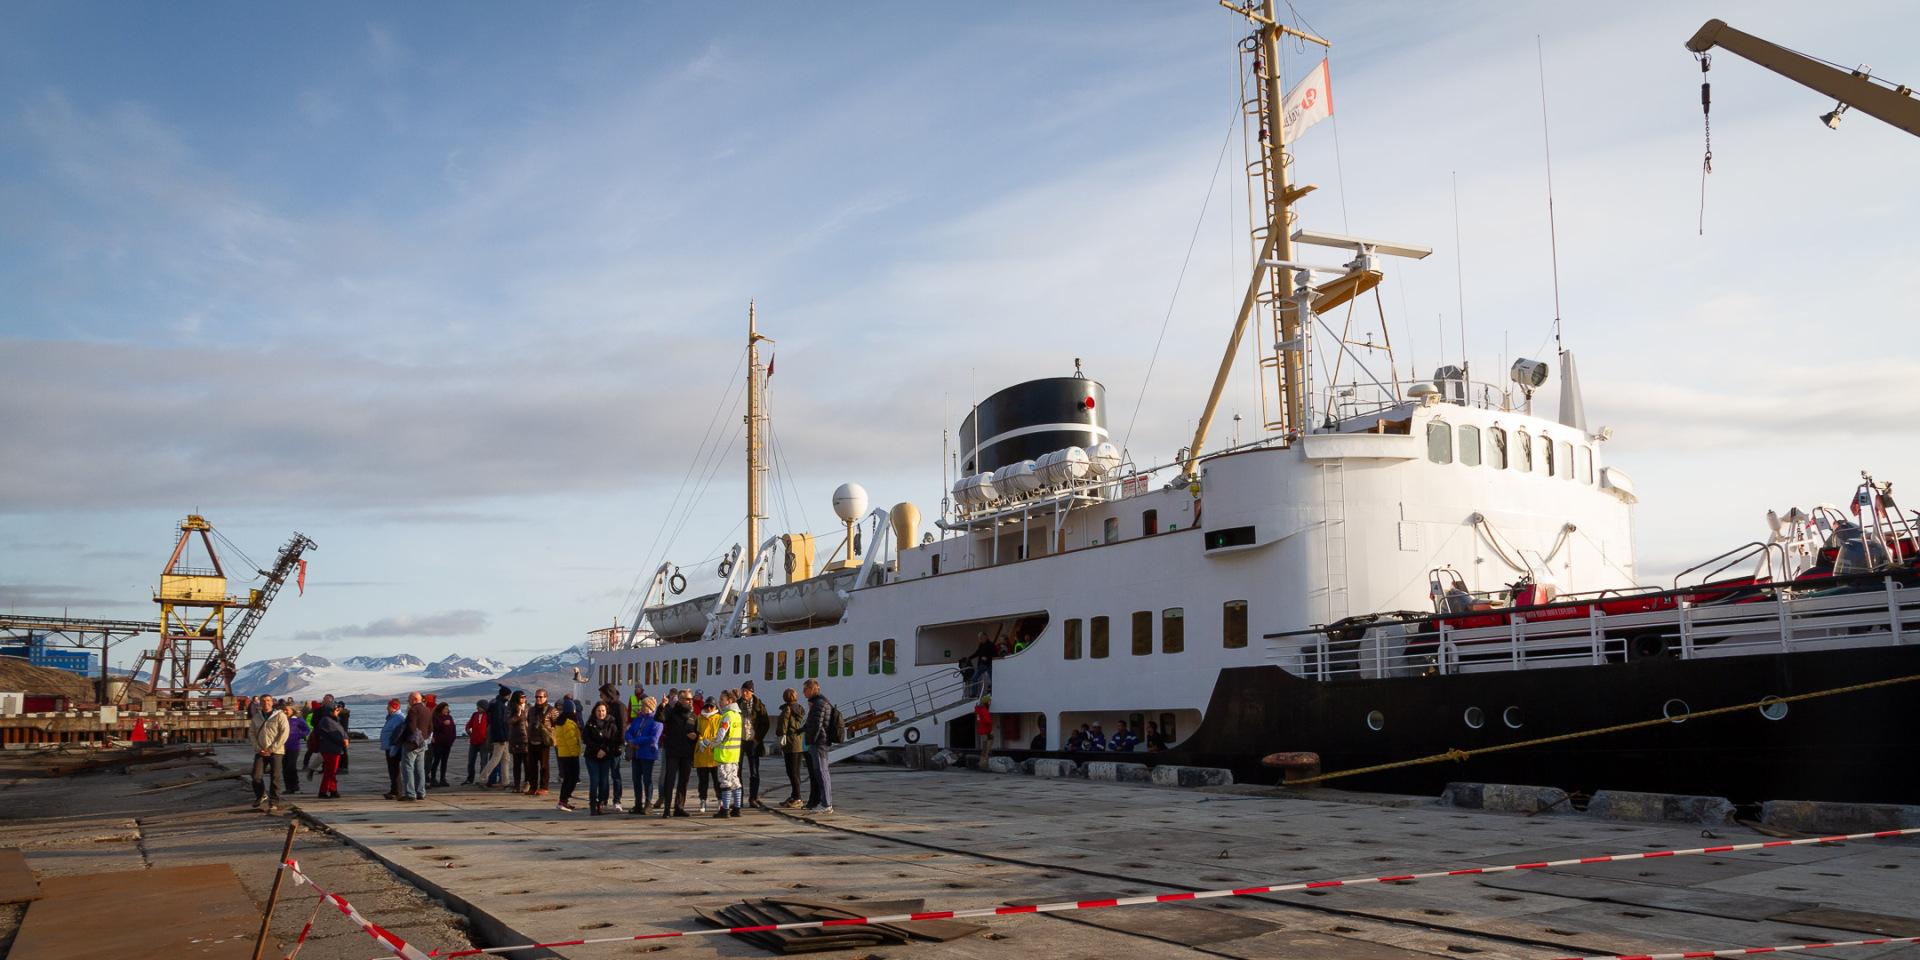 M/S Nordstjernen am Kai in Barentsburg